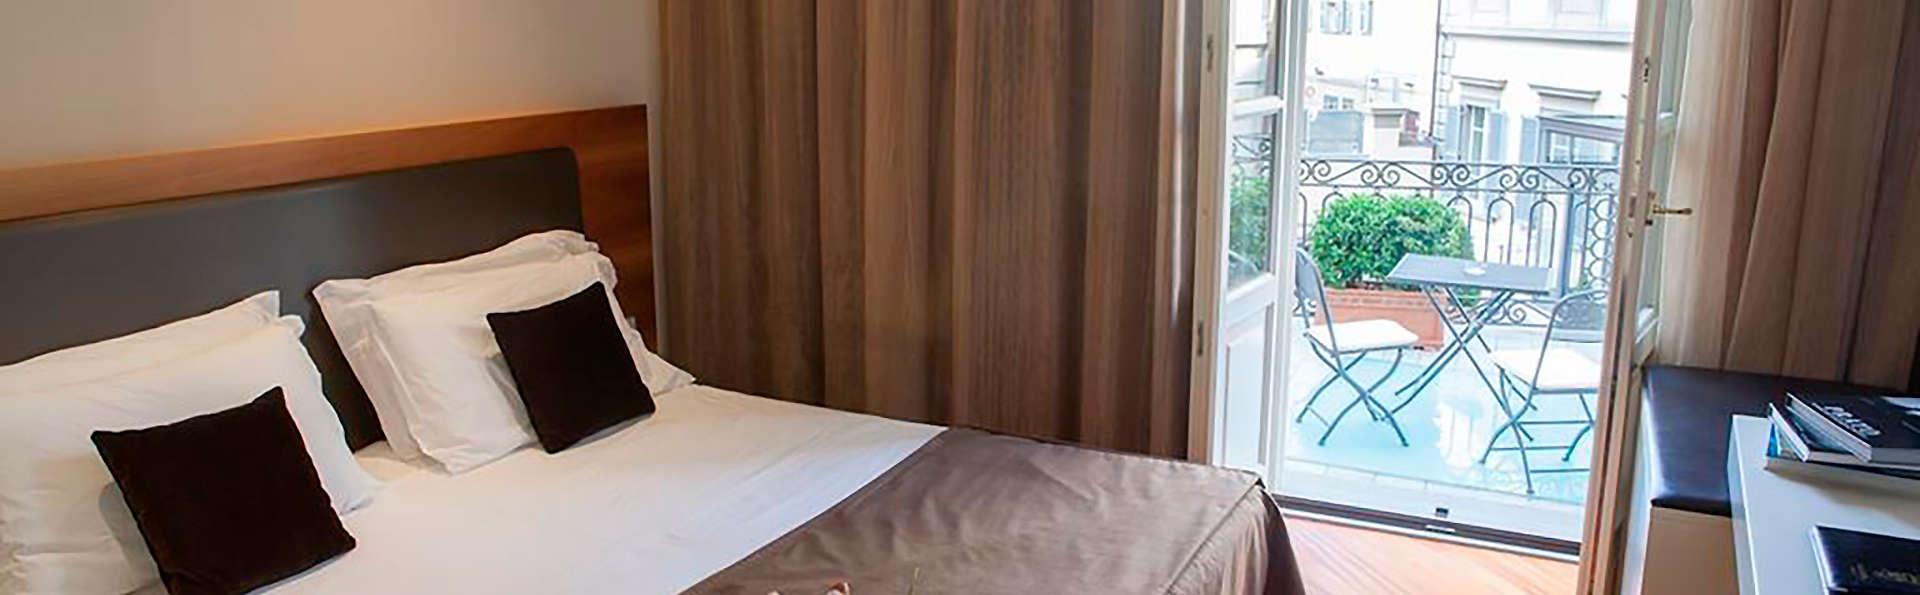 Hotel Embassy - EDIT_ROOM_01.jpg